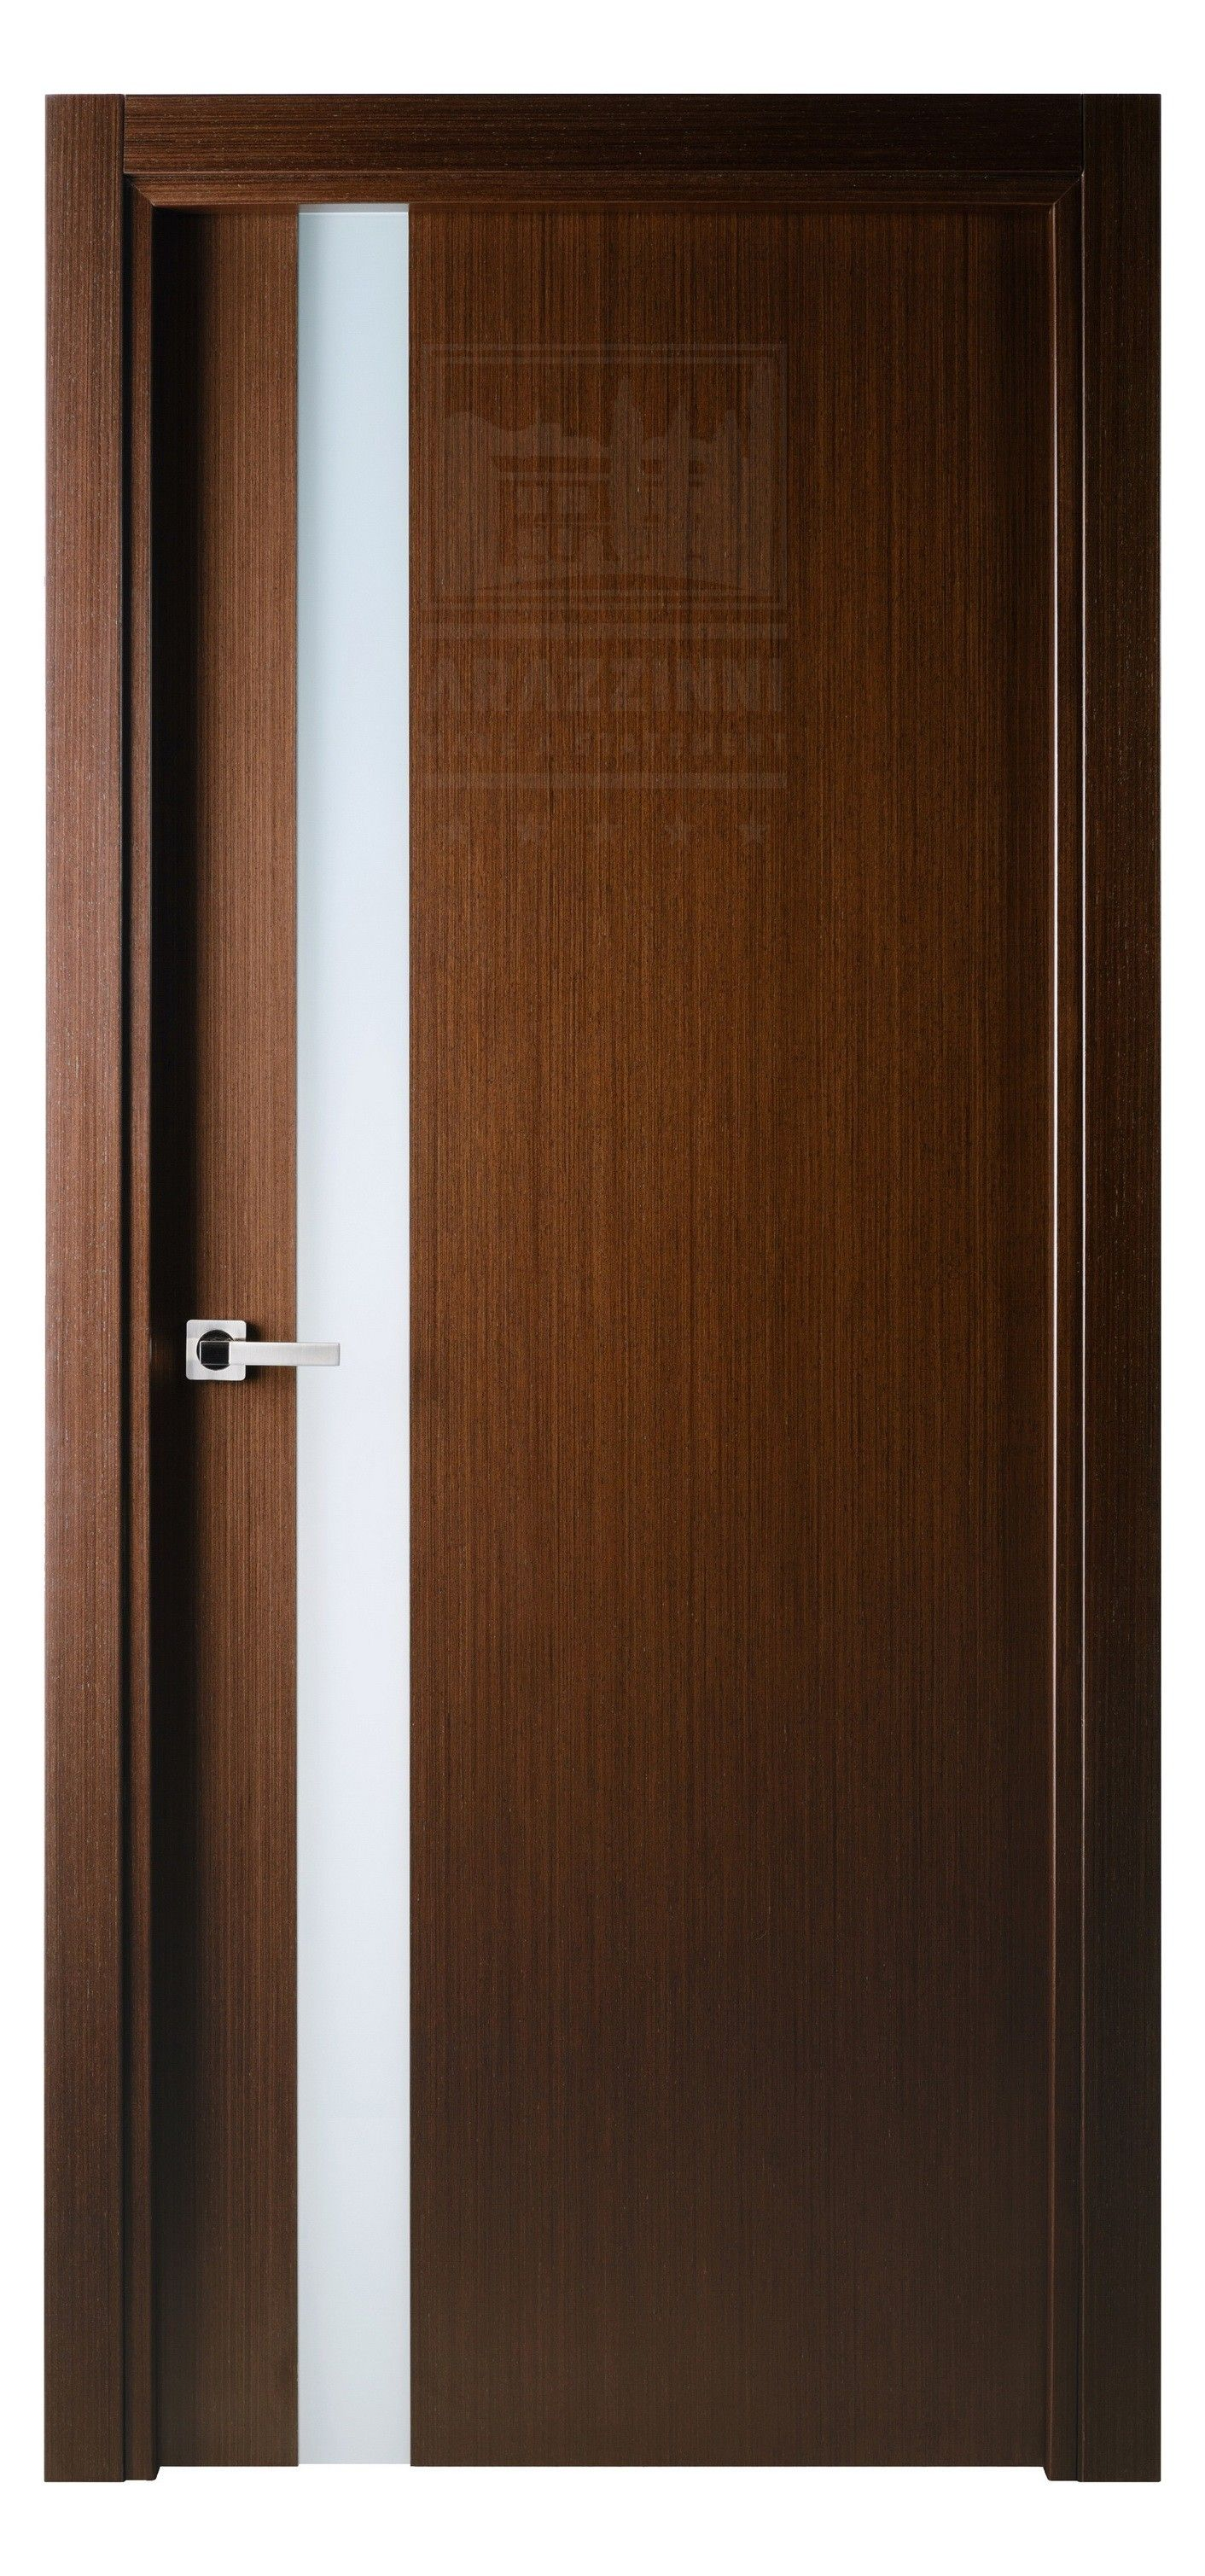 Versai Interior Door In Italian Wenge Finish Wood Doors Interior